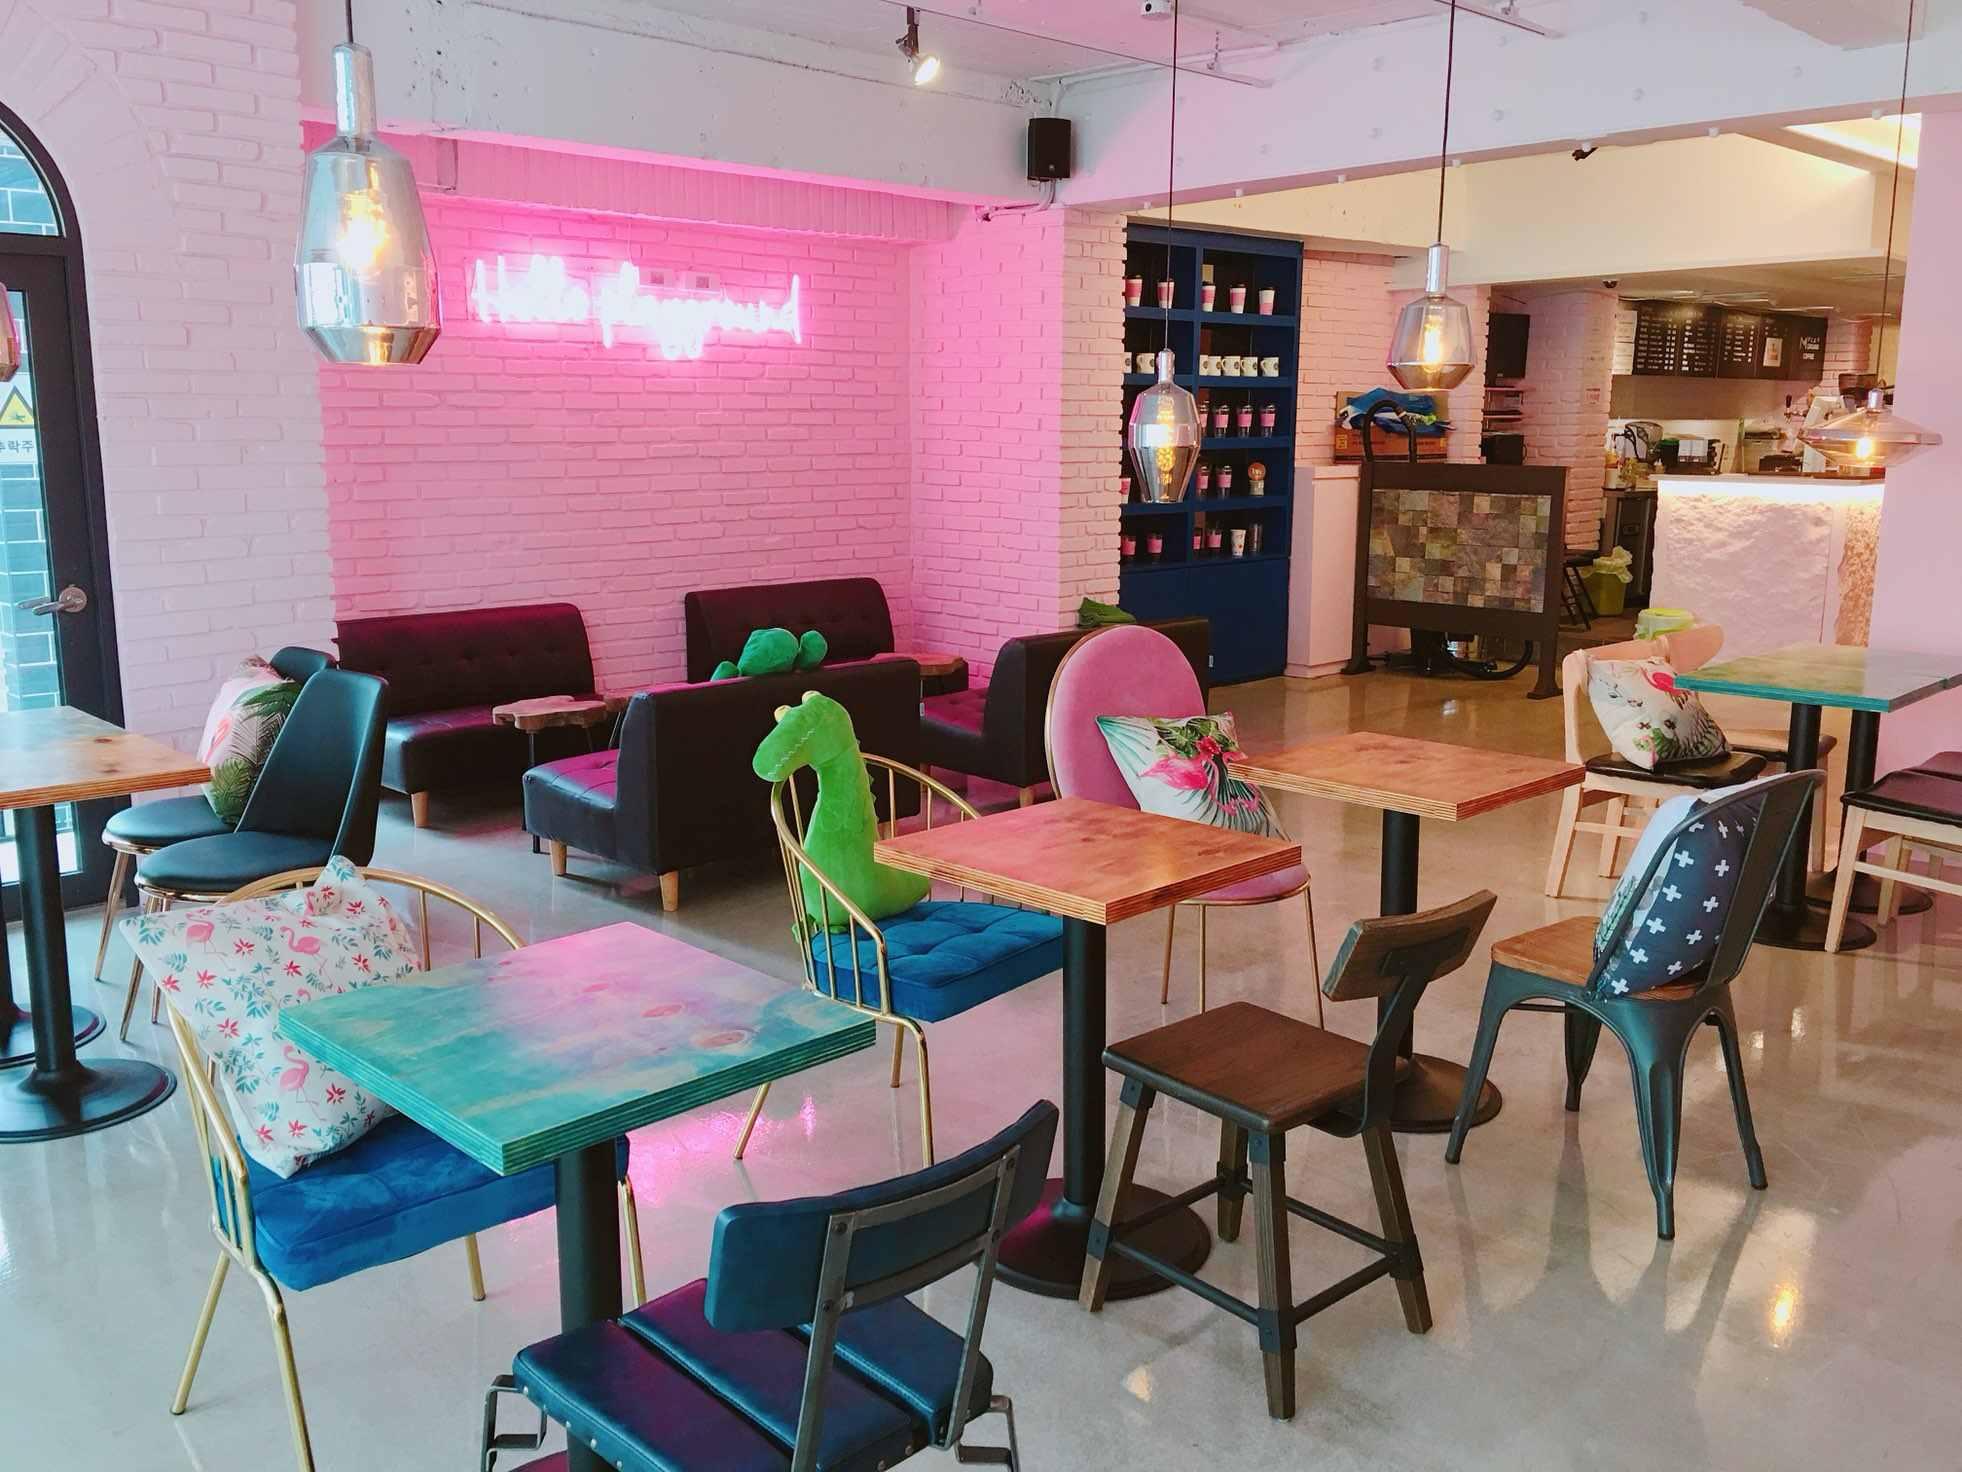 跟服飾店不同的氣氛,可愛粉嫩的風格完全是女孩們的取向狙擊呀!咖啡廳總共有三層樓,三樓是主要座位區。